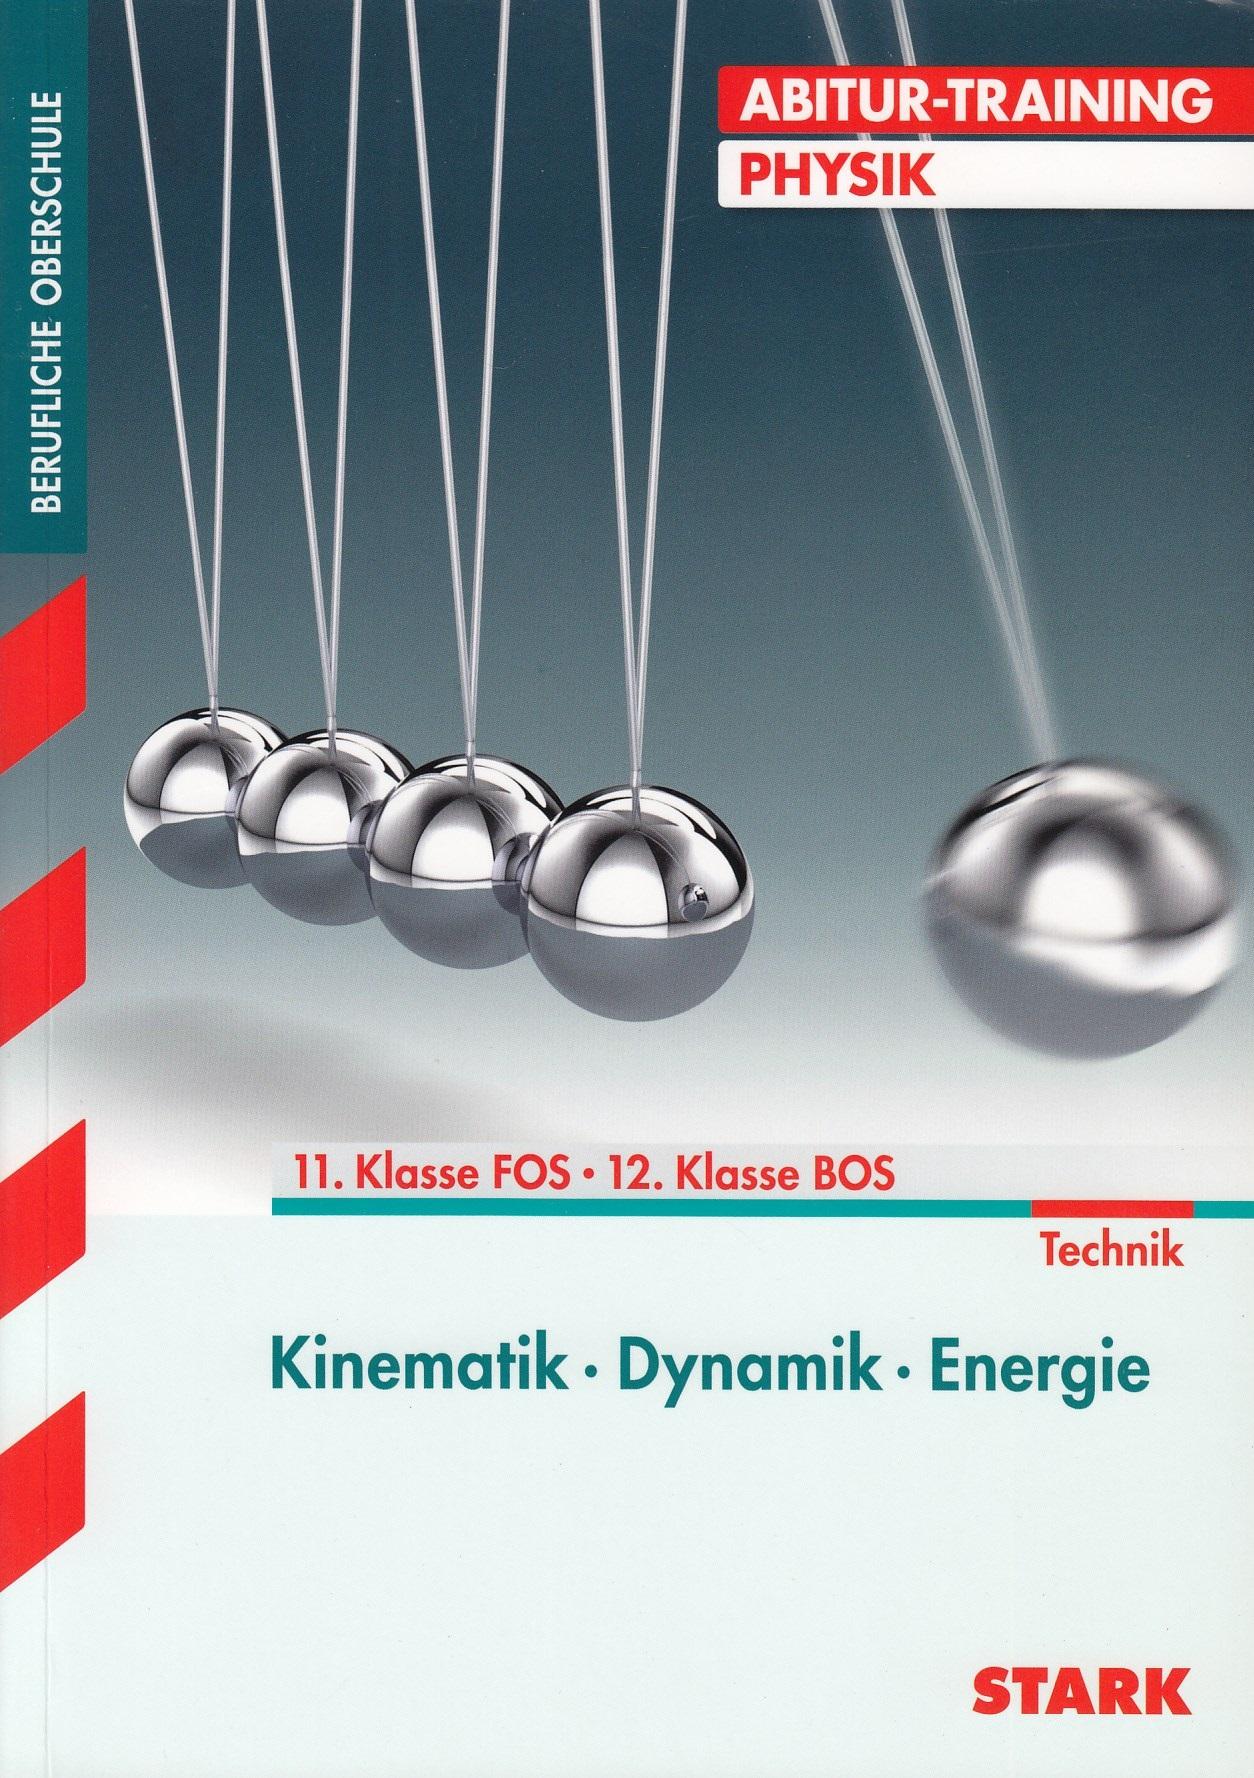 Abitur-Training: Physik - 11. Klasse FOS/ 12. Klasse BOS - Kinematik, Dynamik, Energie - Eberhard Lehmann [Taschenbuch,